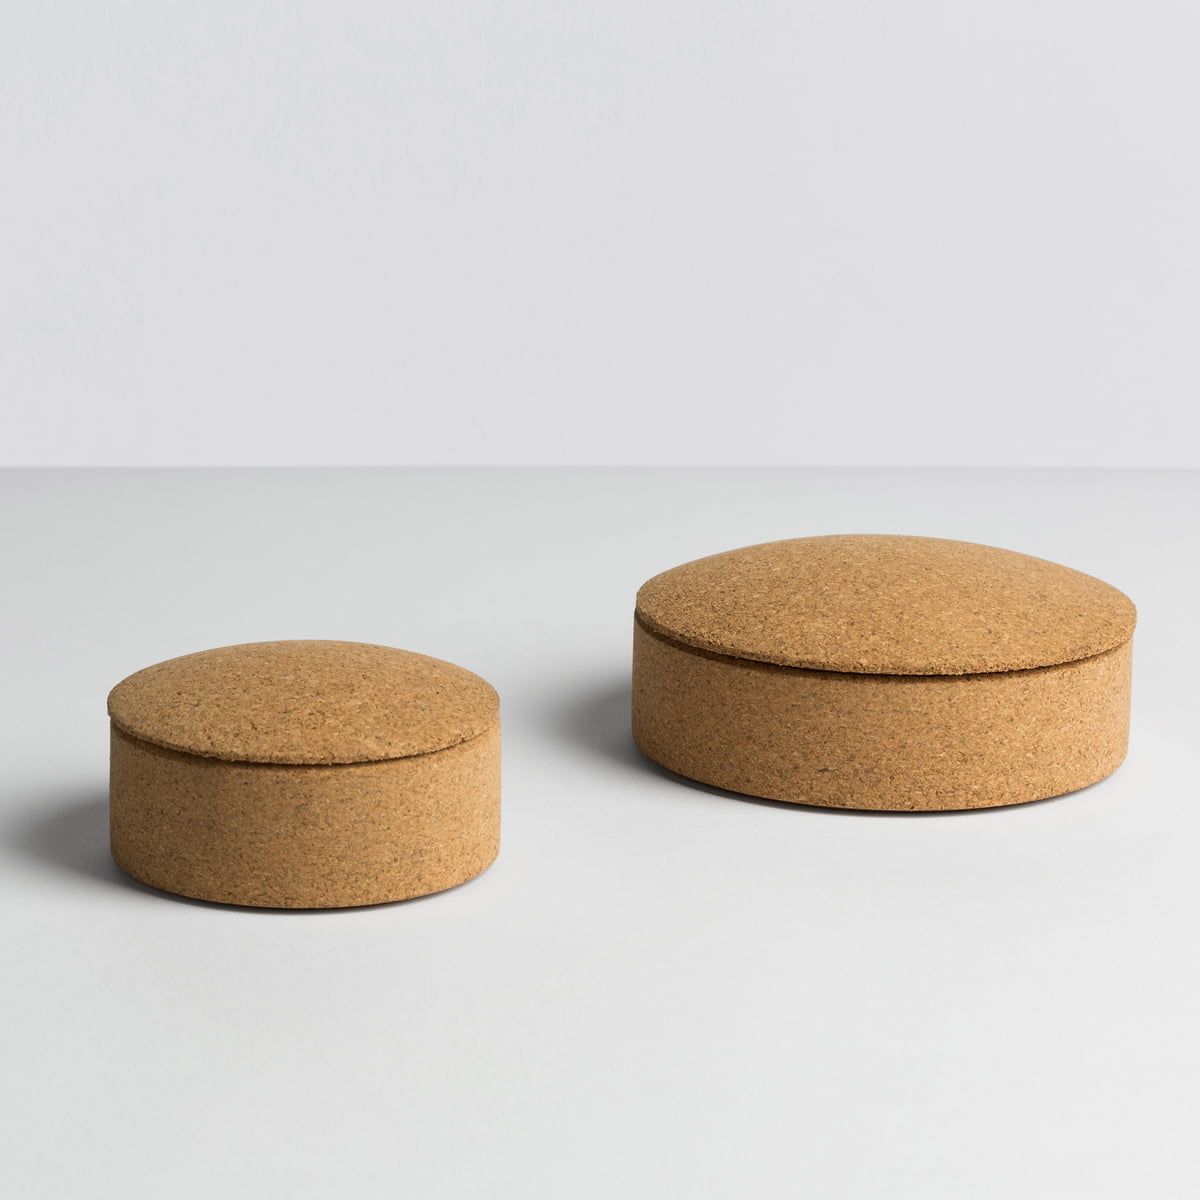 lens box von hay im online shop kaufen. Black Bedroom Furniture Sets. Home Design Ideas